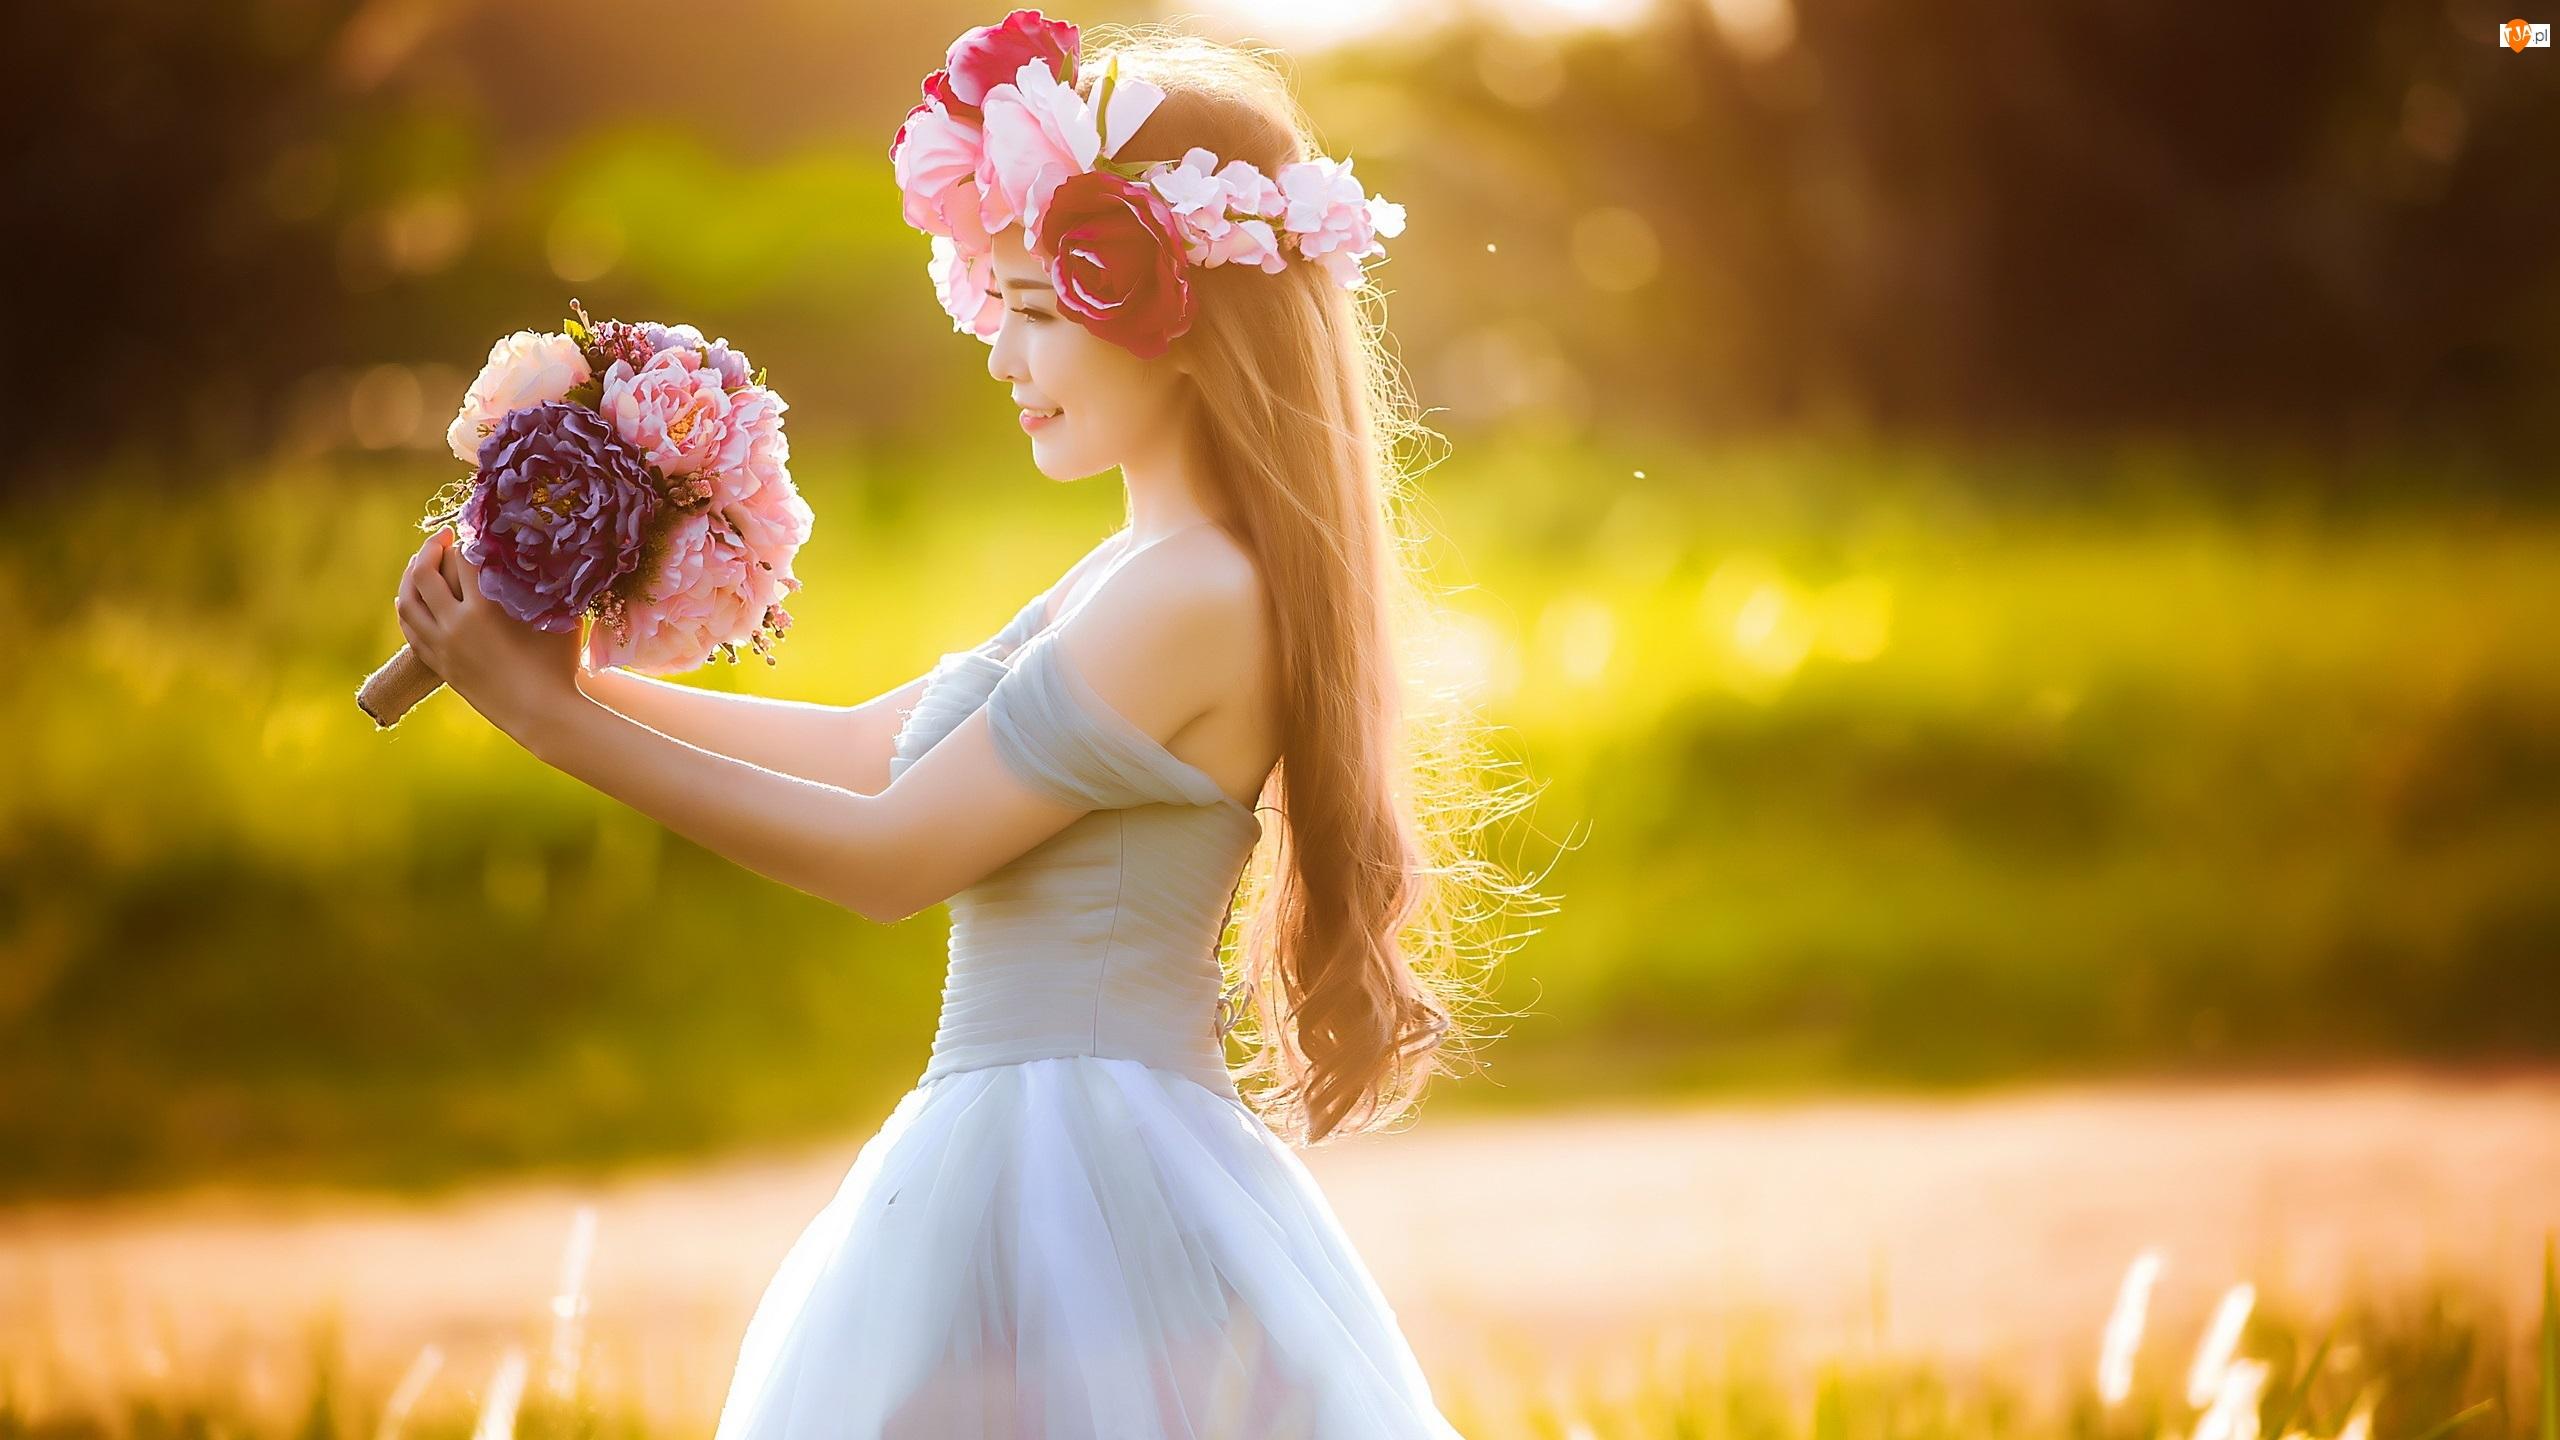 Bukiecik, Kobieta, Sukienka, Błękitna, Kwiatki